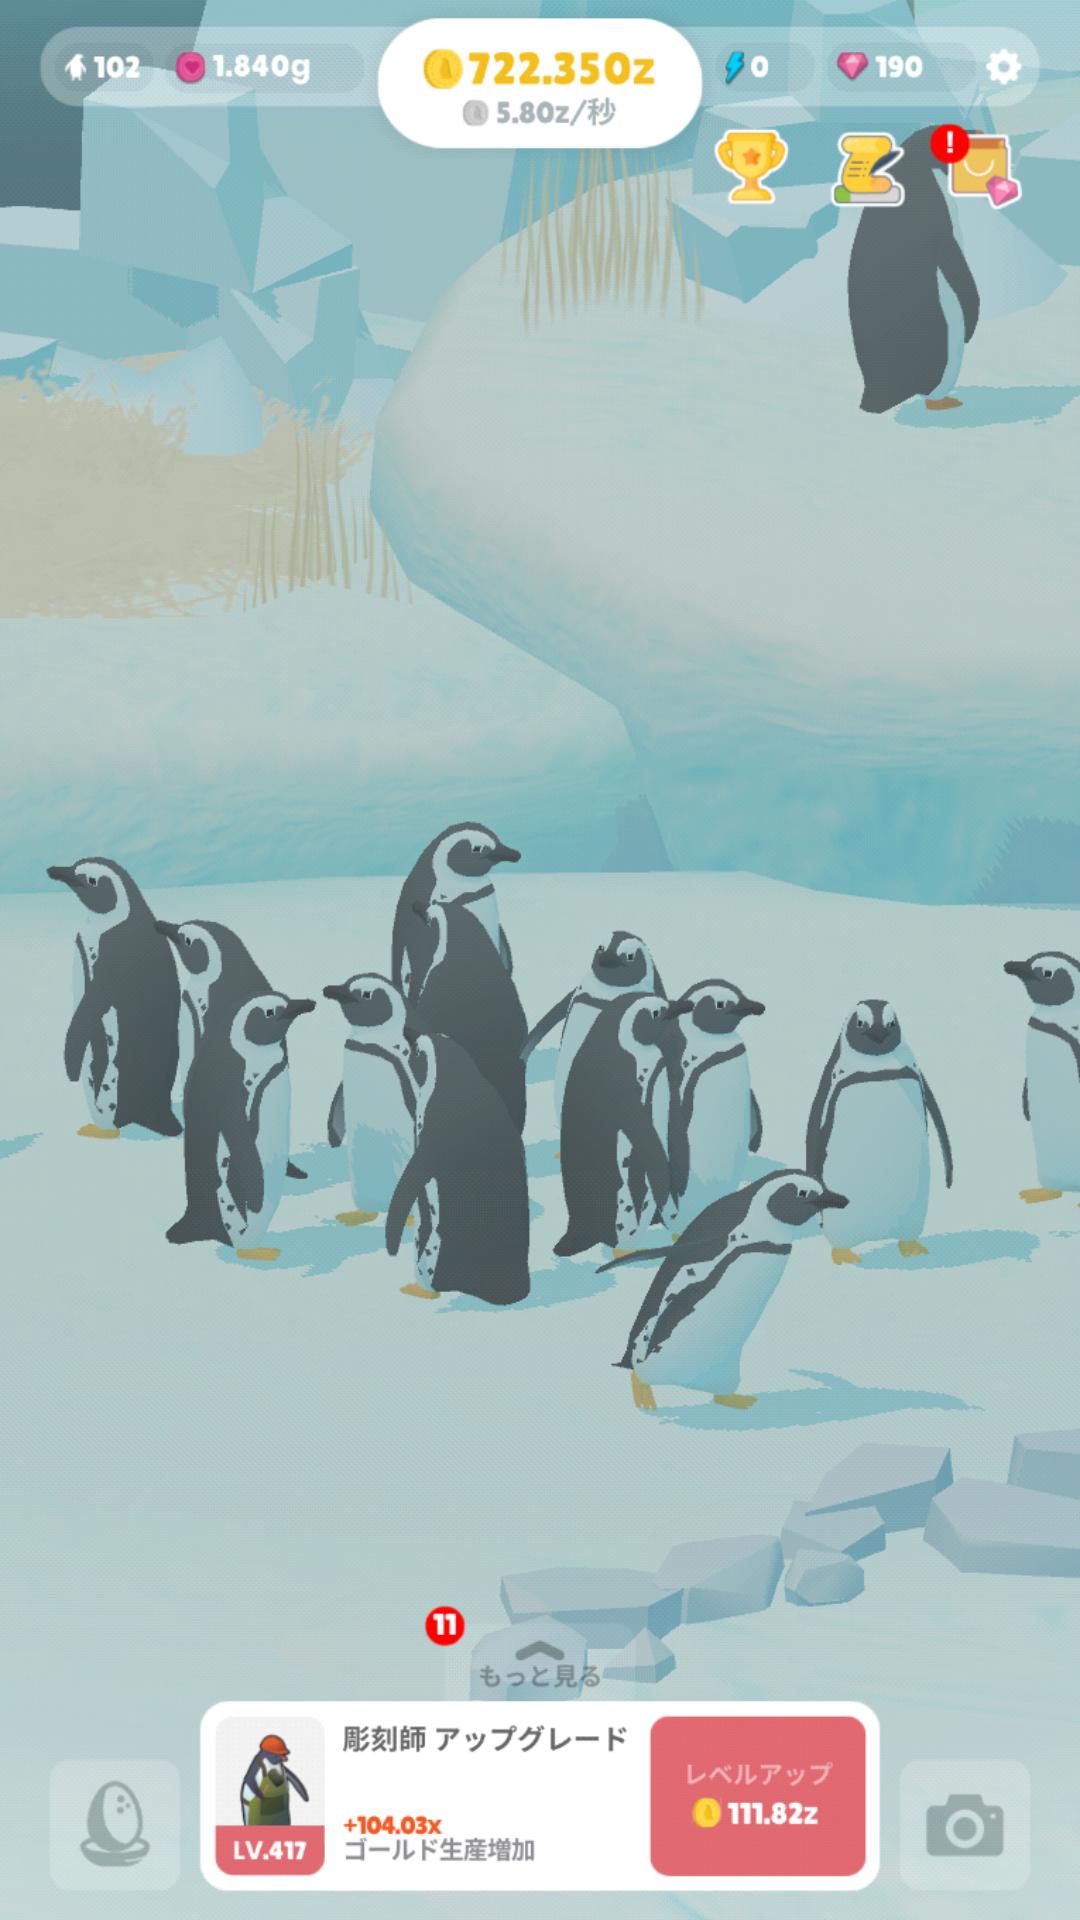 ペンギンの島 クオリティ 普通